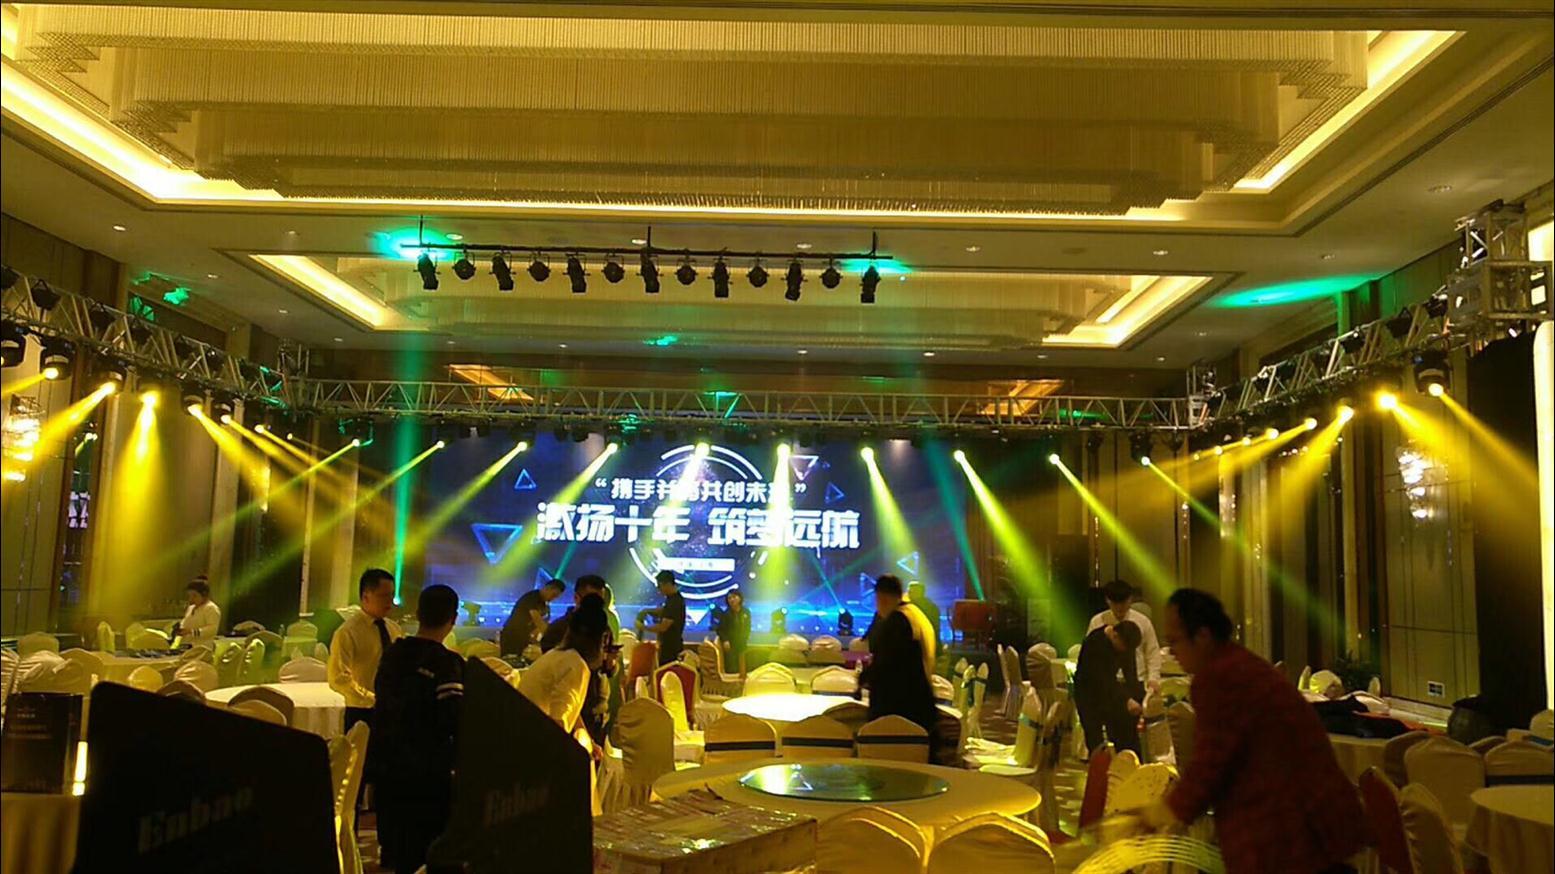 徐汇小型年会LED大屏租赁公司